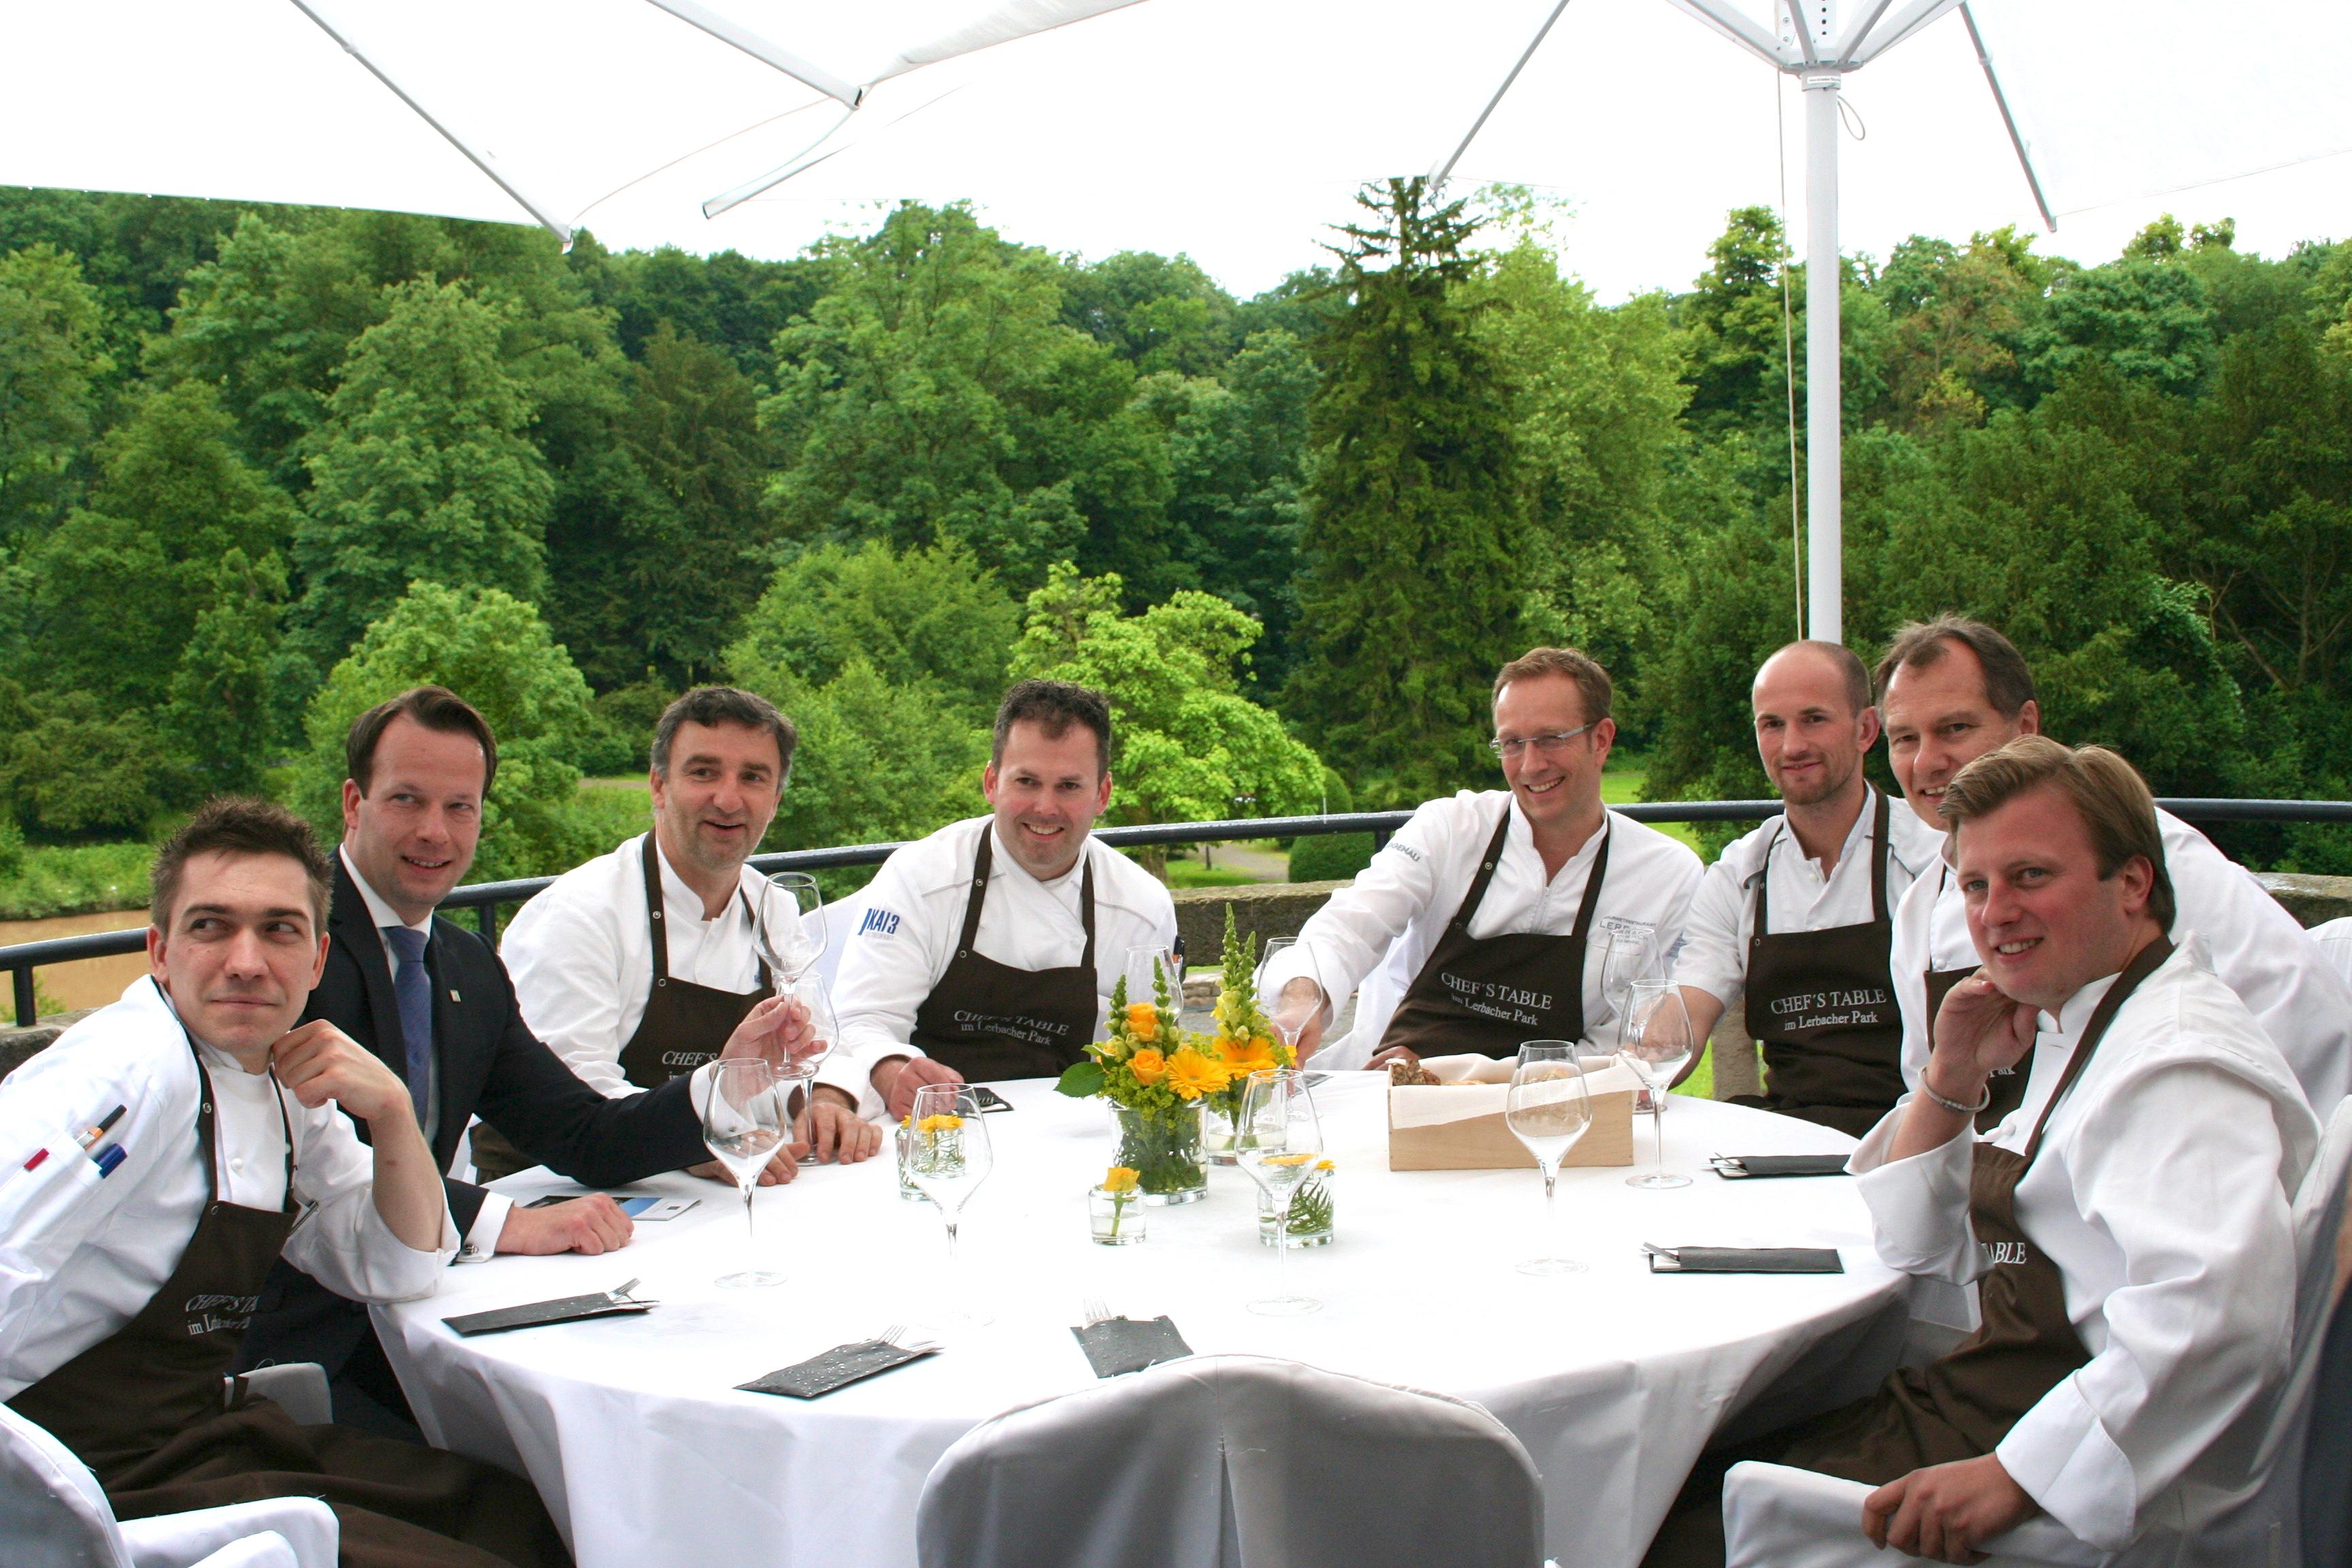 Chef\'s Table 2013 Nordische Küche (2): Sterne, Algen, Heu & Wein